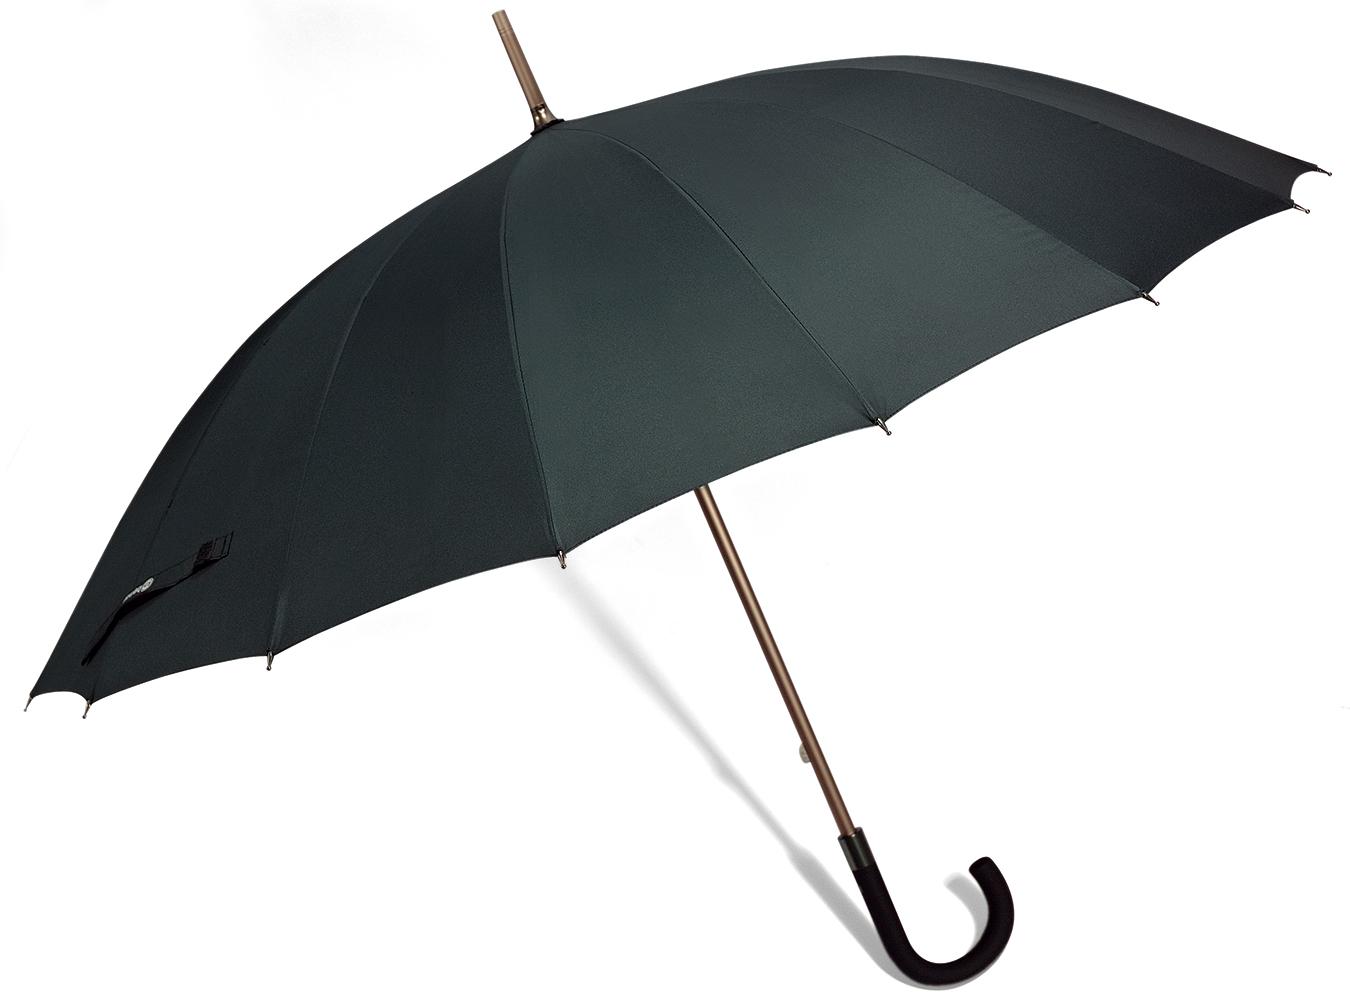 Ομπρέλα 62εκ. benzi 030 Black - benzi - BZ-030-black ειδη οικ  χρησησ ομπρέλες